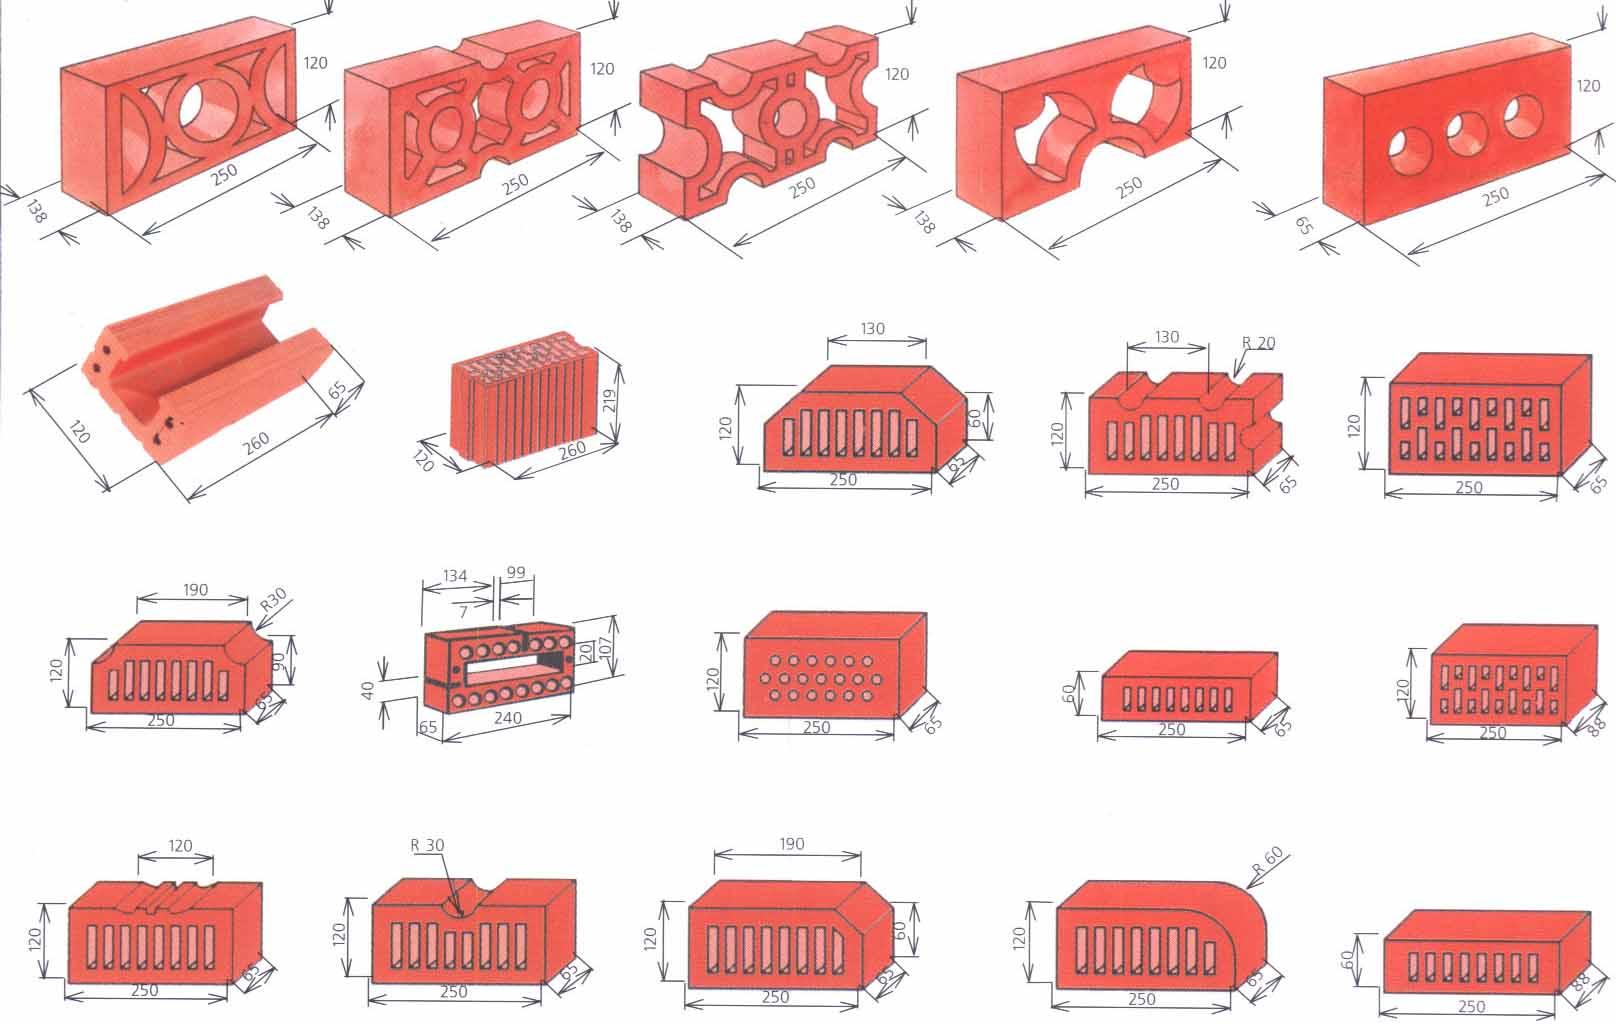 How many cubed bricks 5